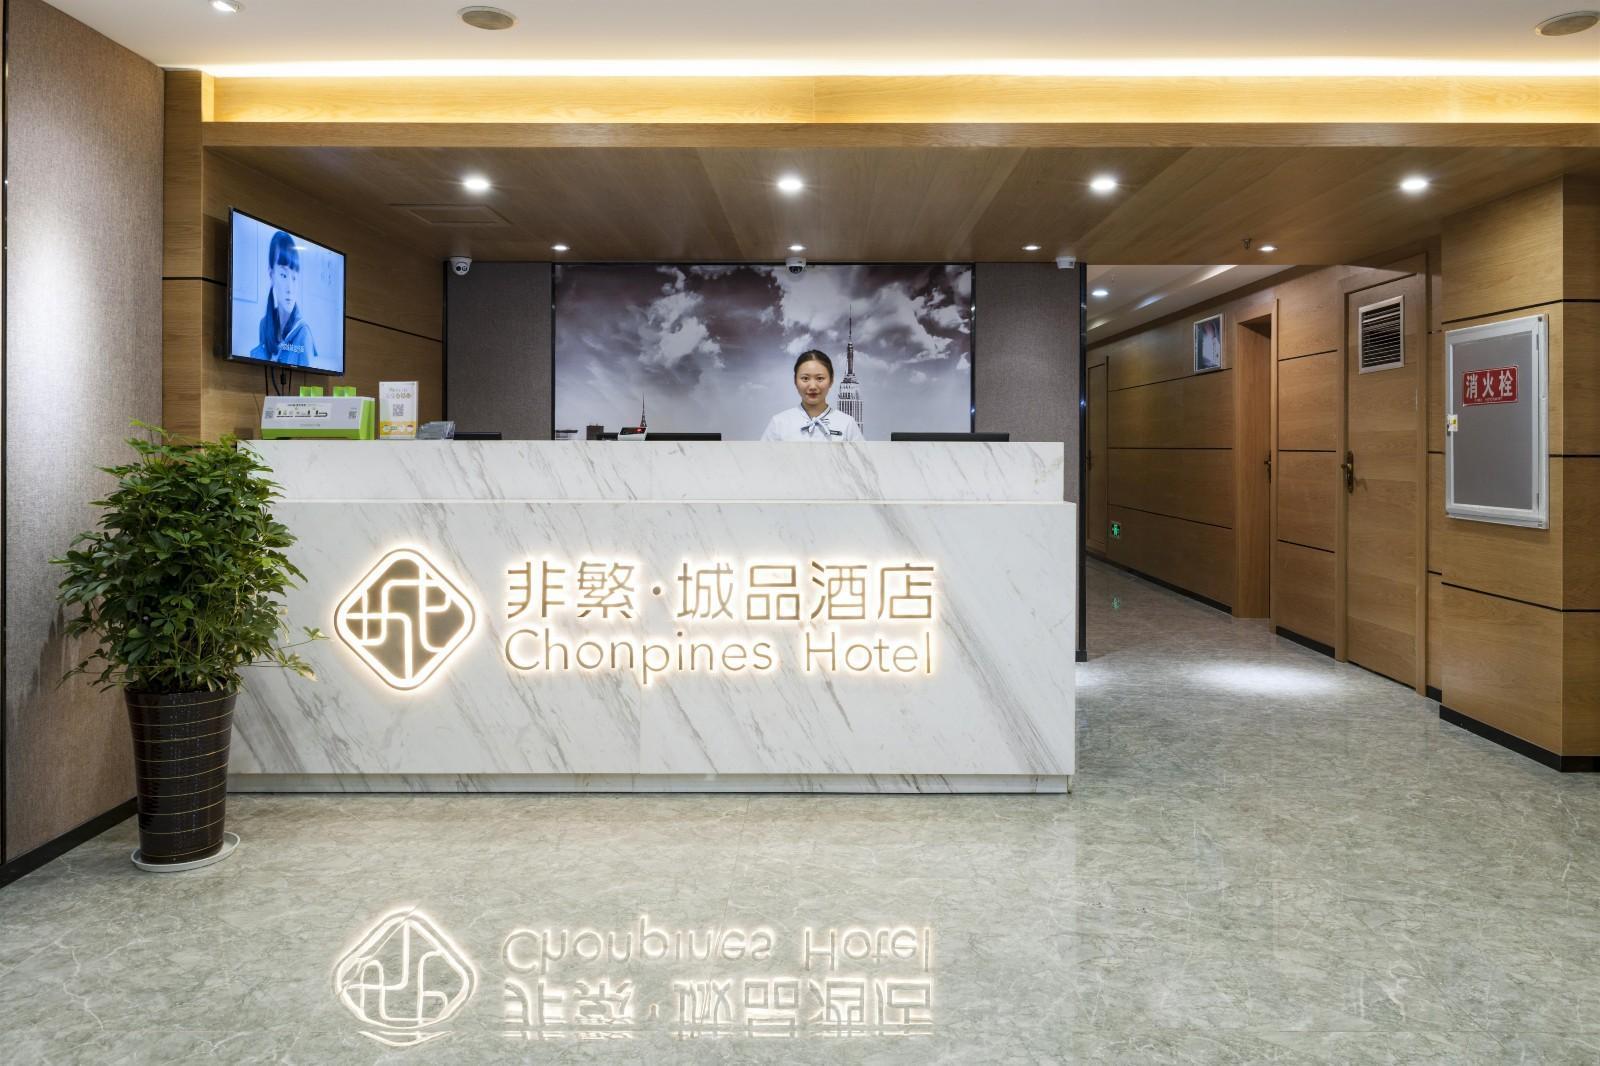 Chonpines HotelsChengdu Qingyang Wanda Plaza